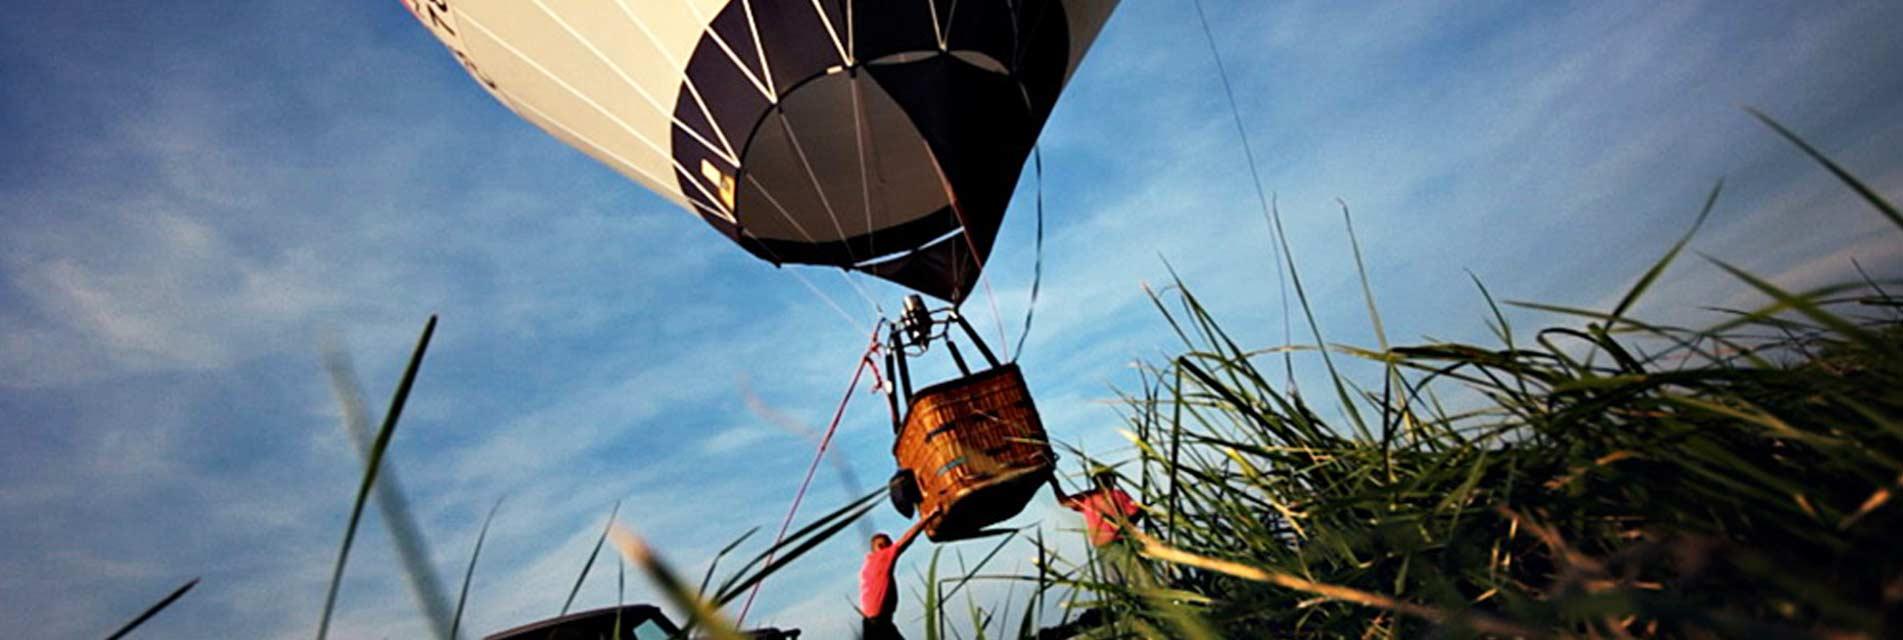 Idée cadeau Pot de départ originale – les coffrets cadeaux dans le Tarn en Occitanie